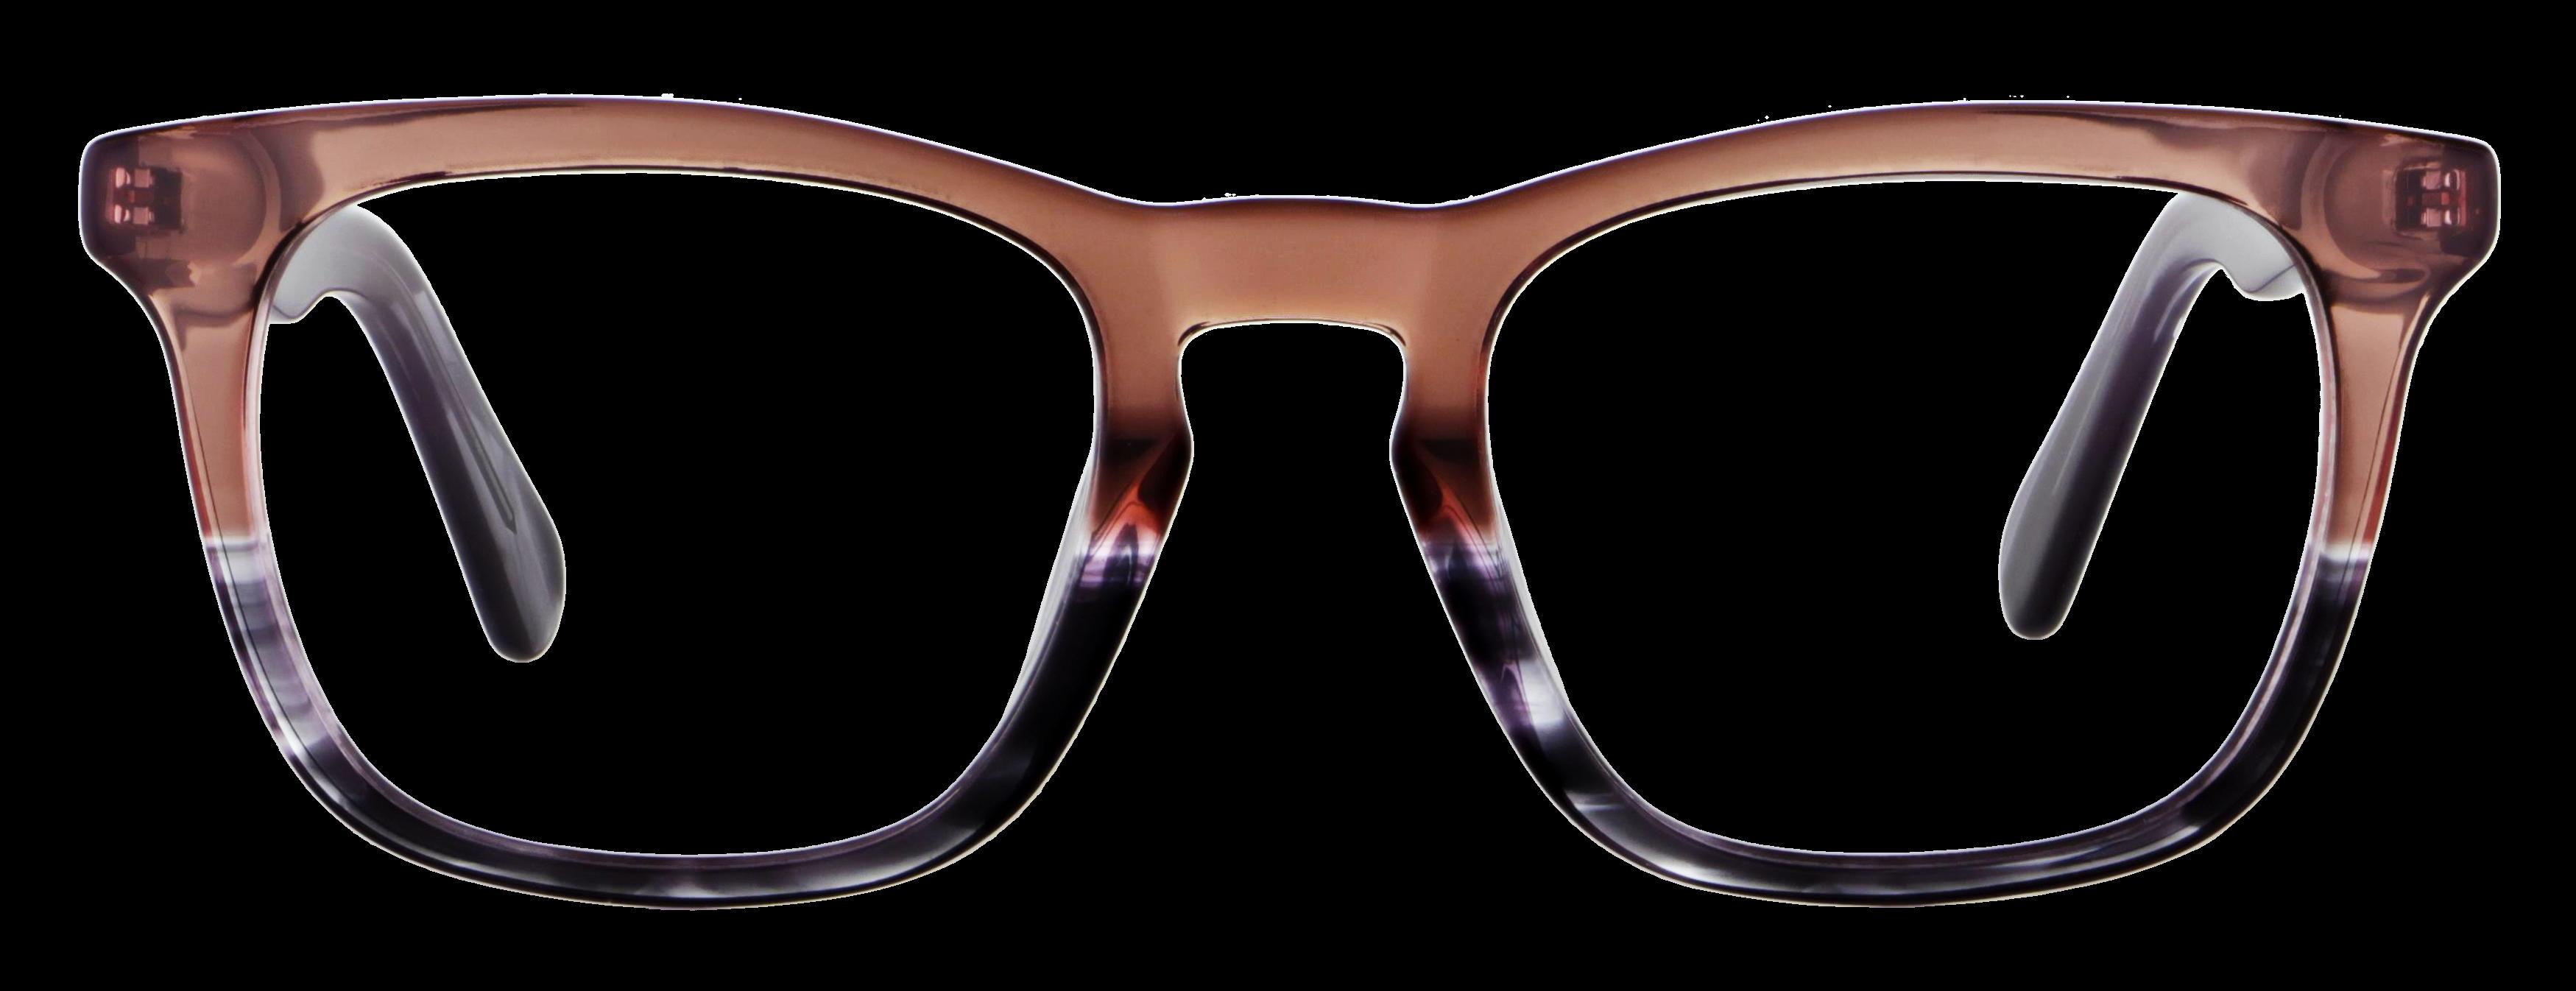 abele optik Brille 140501